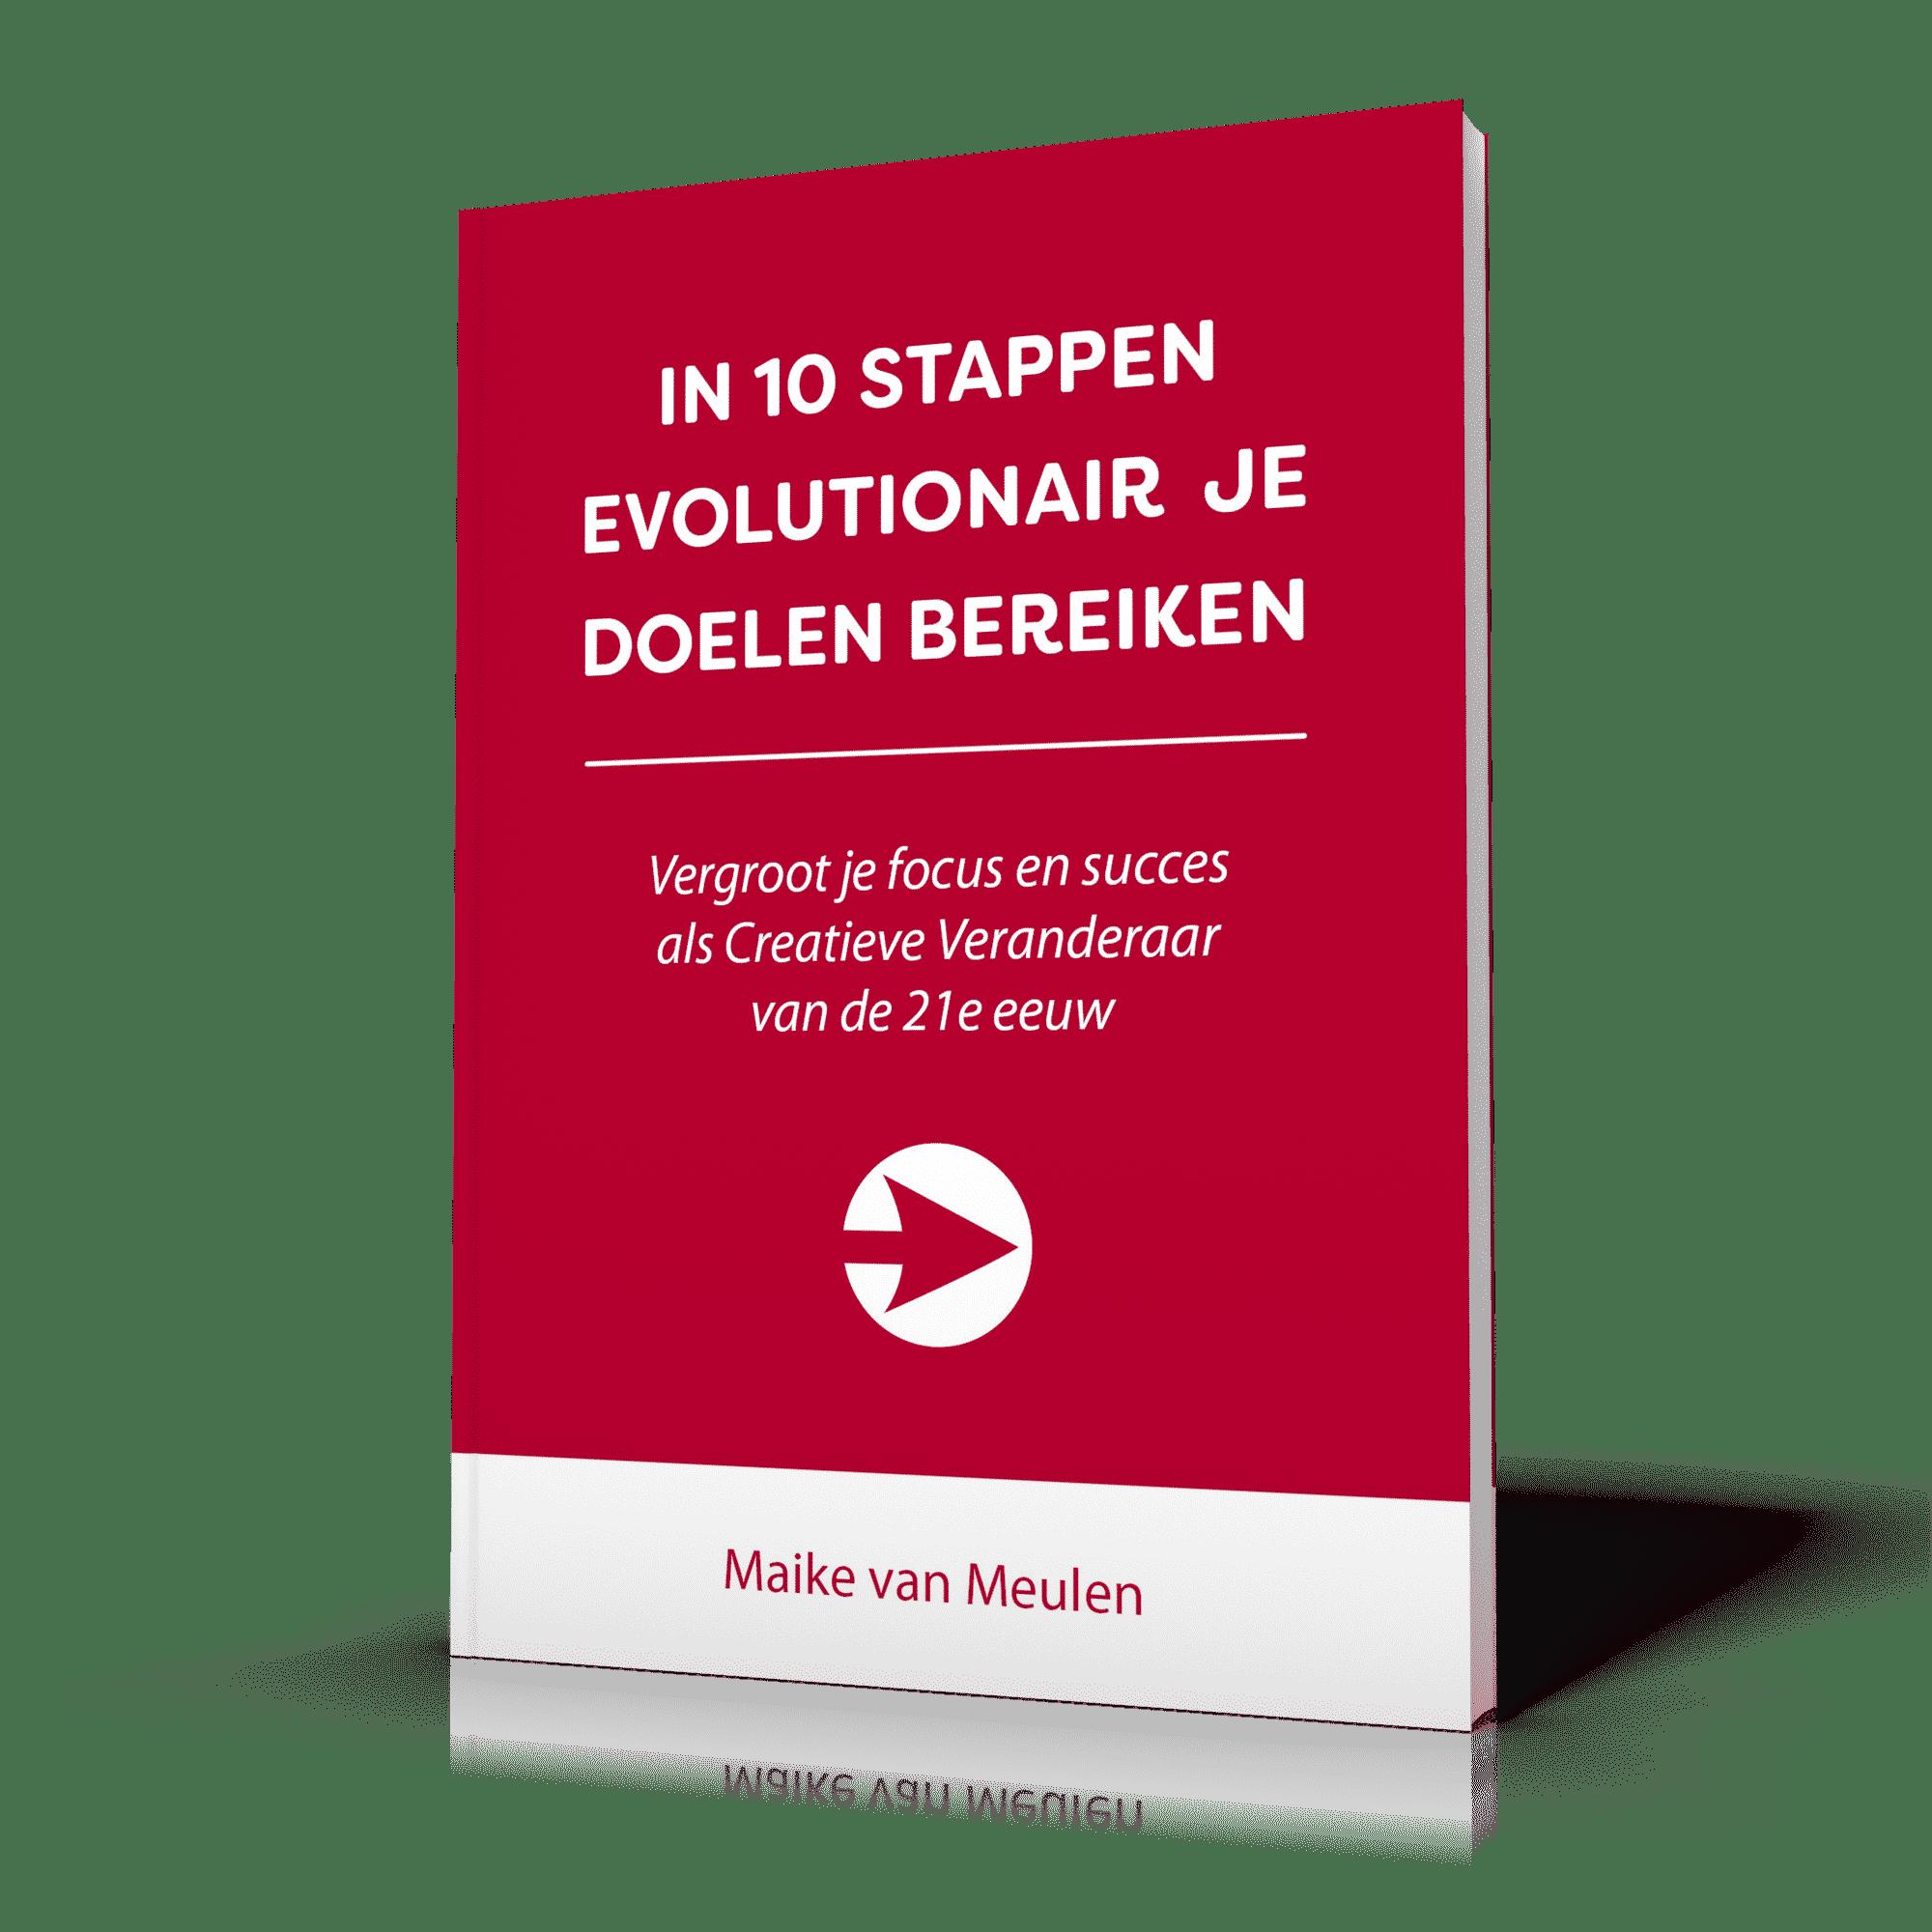 3D-Cover 10 stappen Maike van Meulen v1